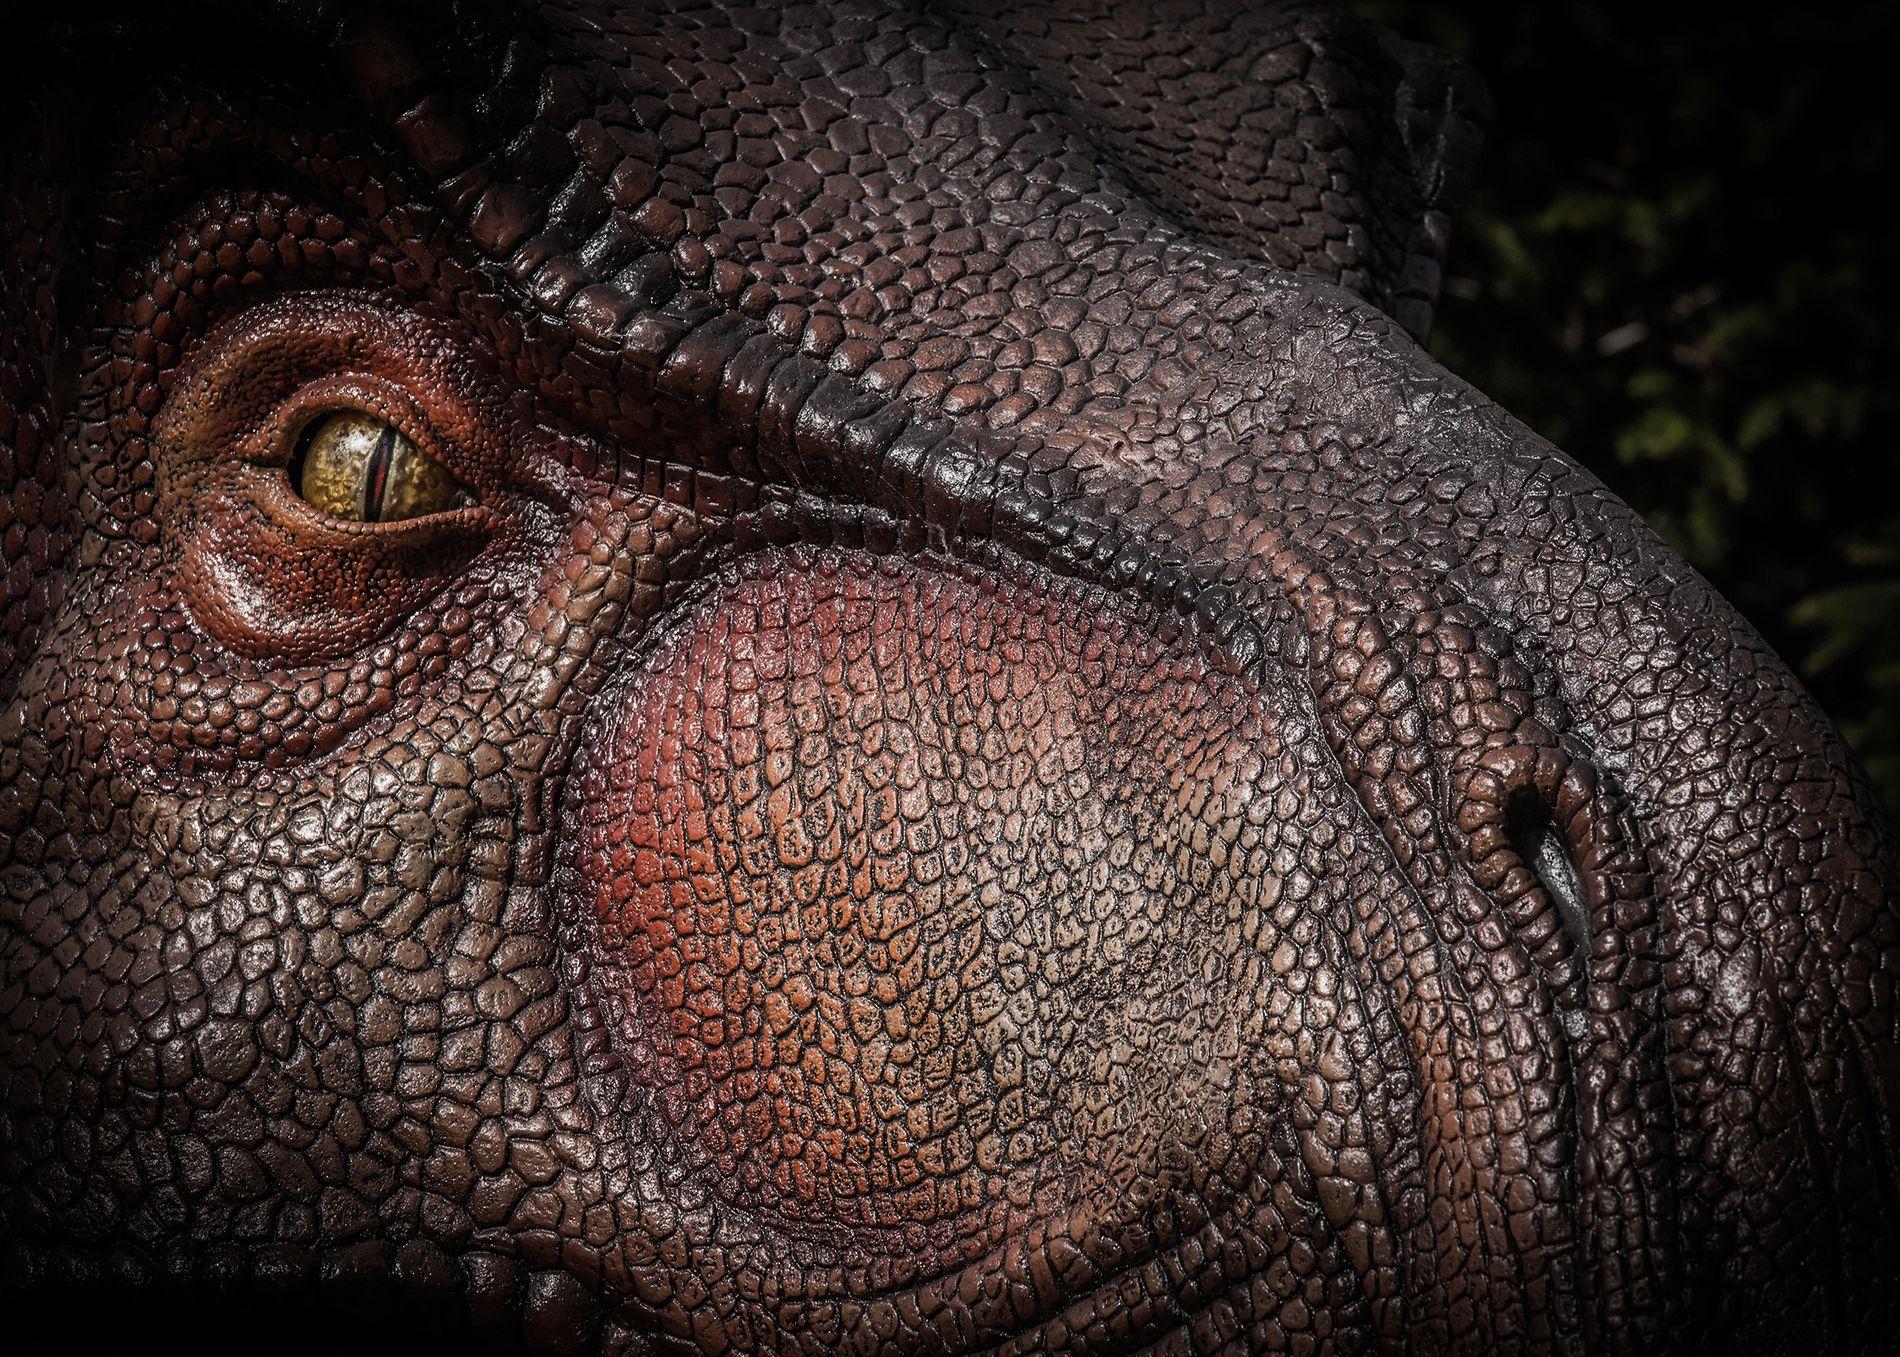 El Tyrannosaurus rex, visto aquí en una ilustración, probablemente tenía un sentido del olfato sólo un poco menos poderoso que el de un gato doméstico moderno.